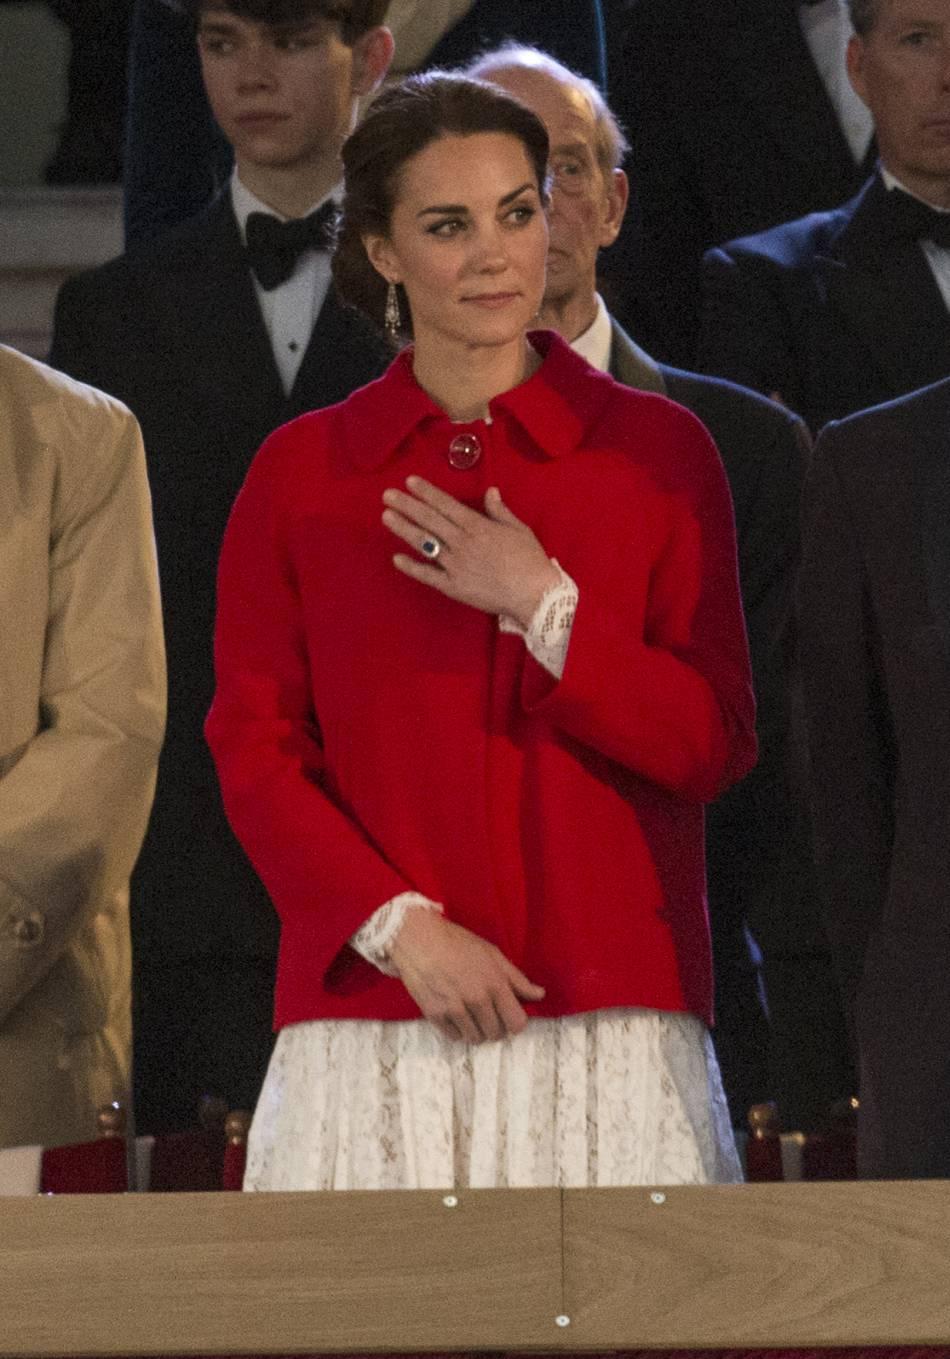 Kate Middleton portait un manteau Zara et une robe Dolce & Gabanna sur cette photo.